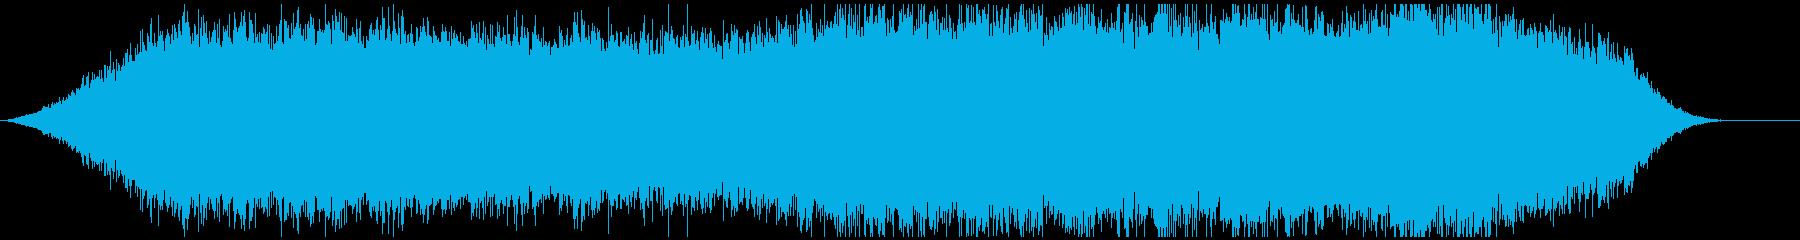 神秘的な雰囲気のアンビエント背景音6ー2の再生済みの波形